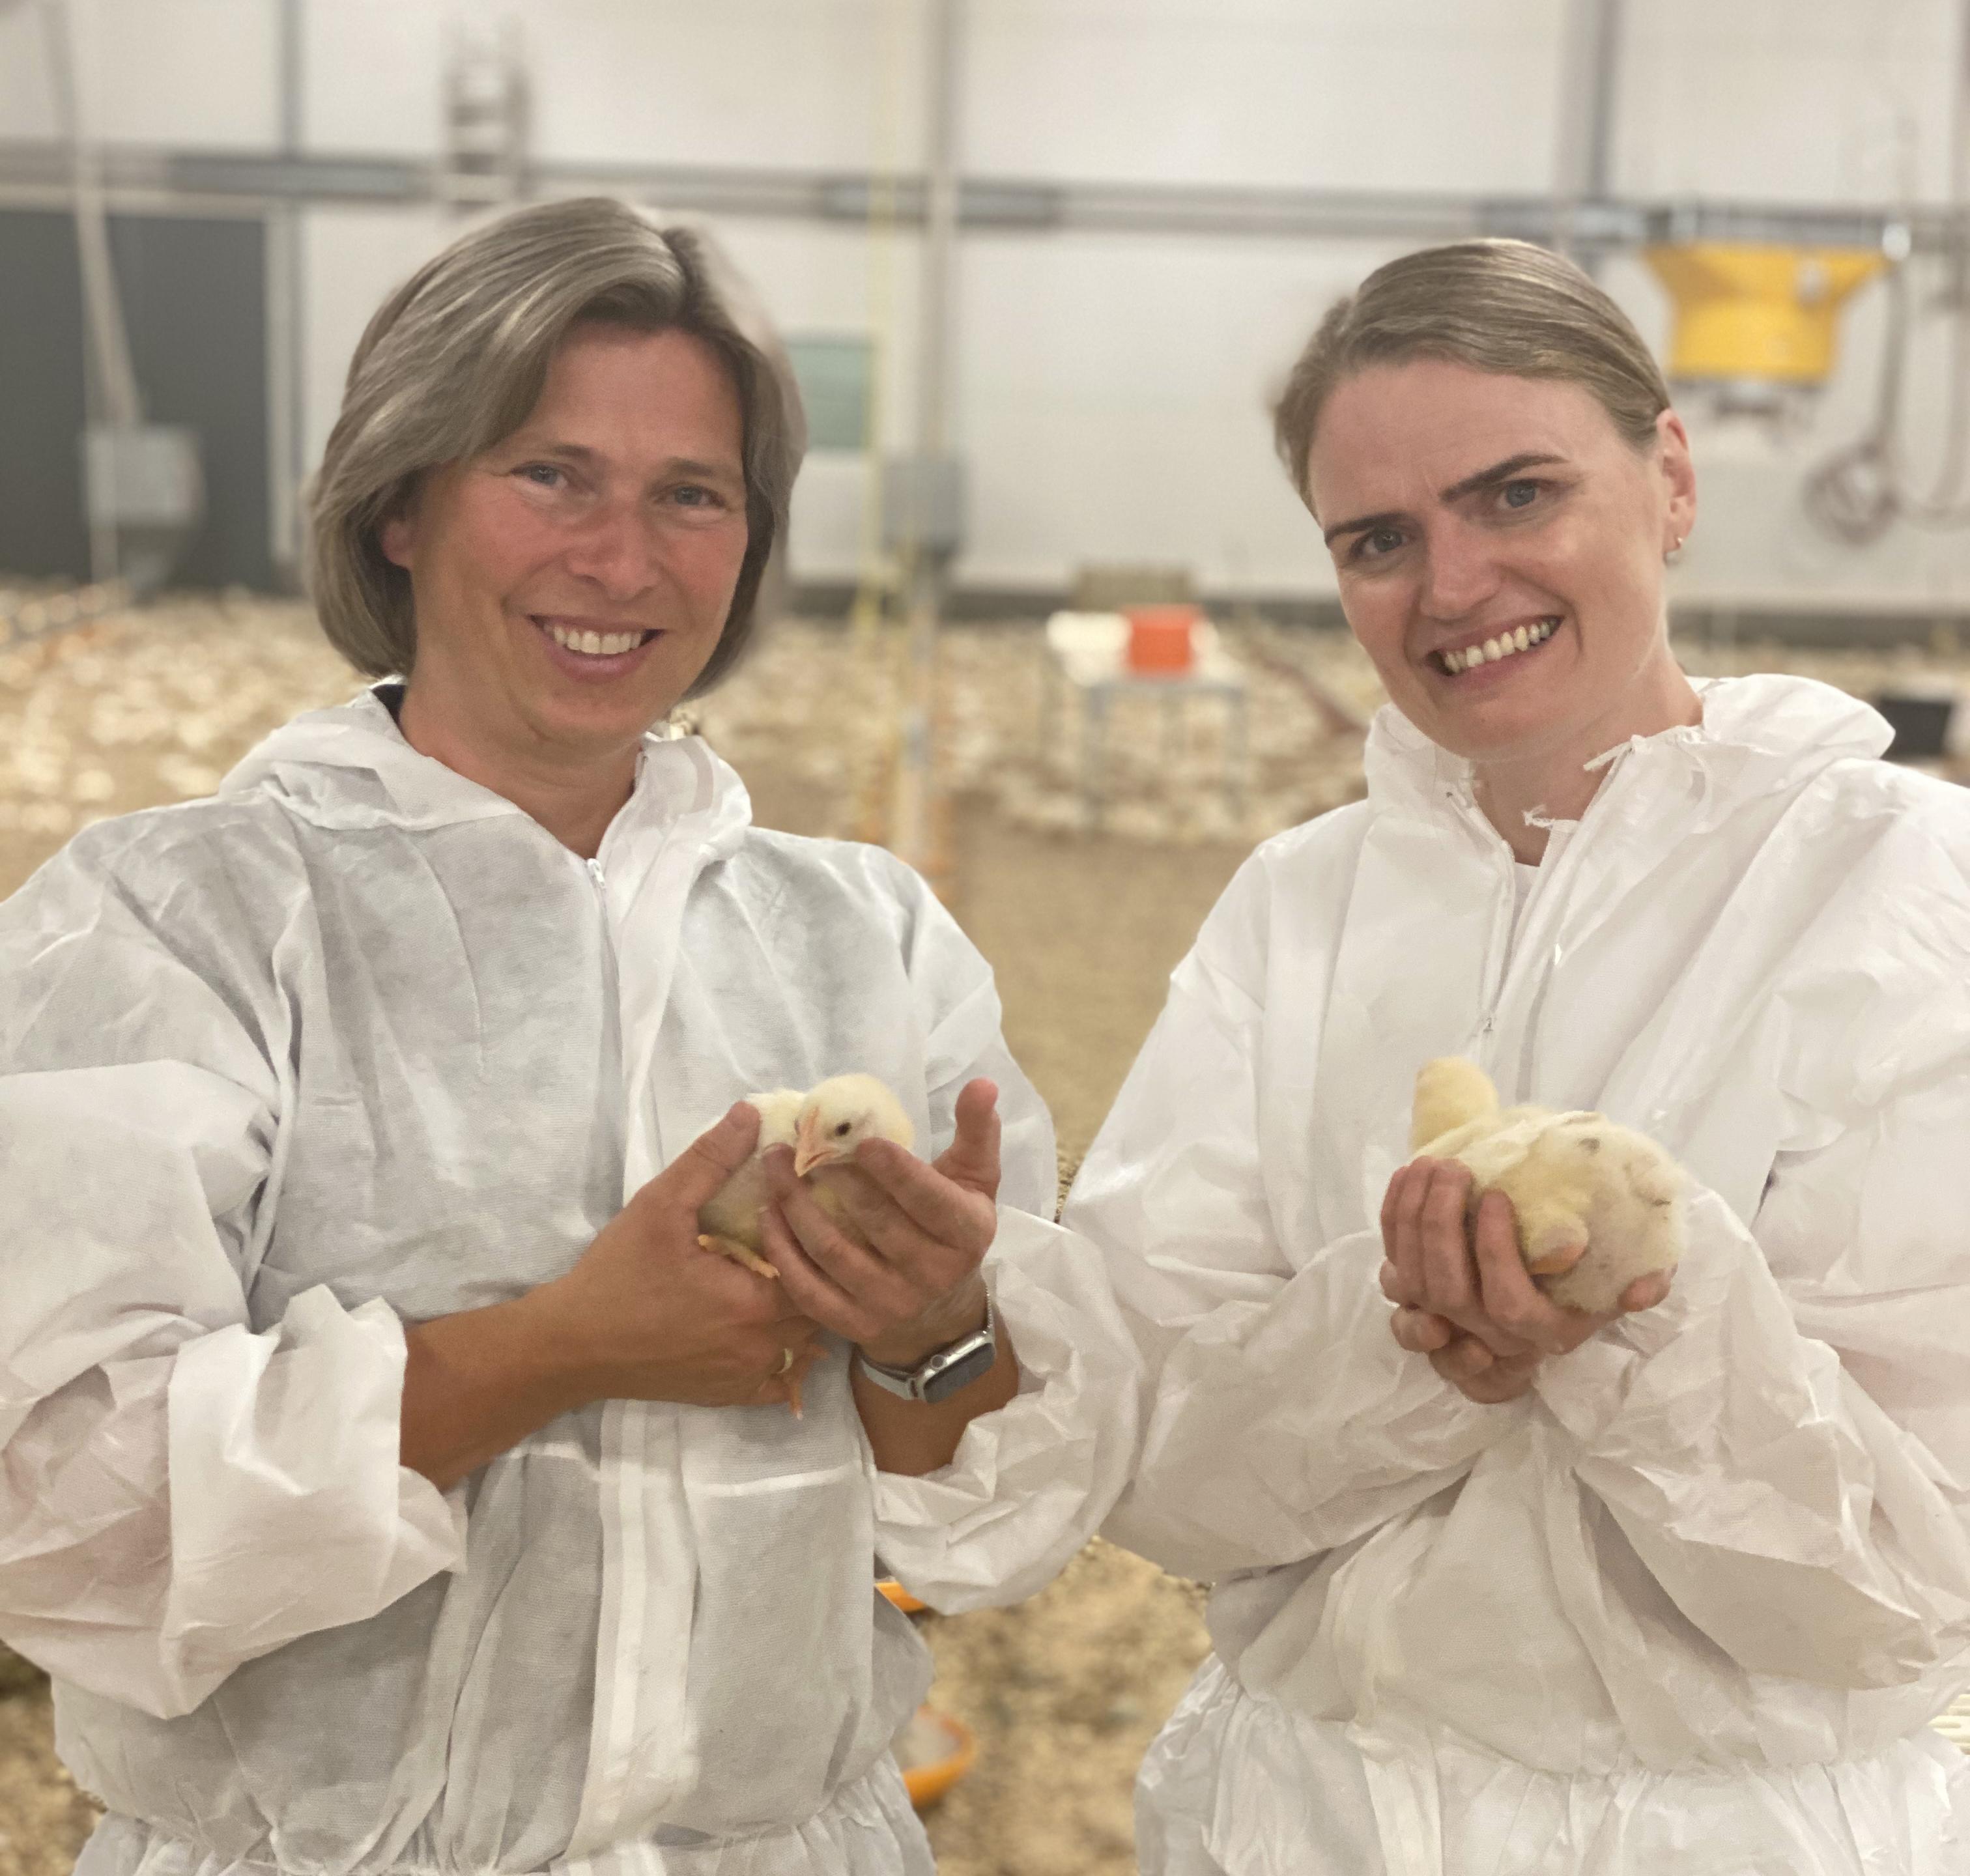 Norsk Kylling til topps på BBFAW Nordic sin internasjonal måling av selskapers fokus og forpliktelse til dyrevelferd